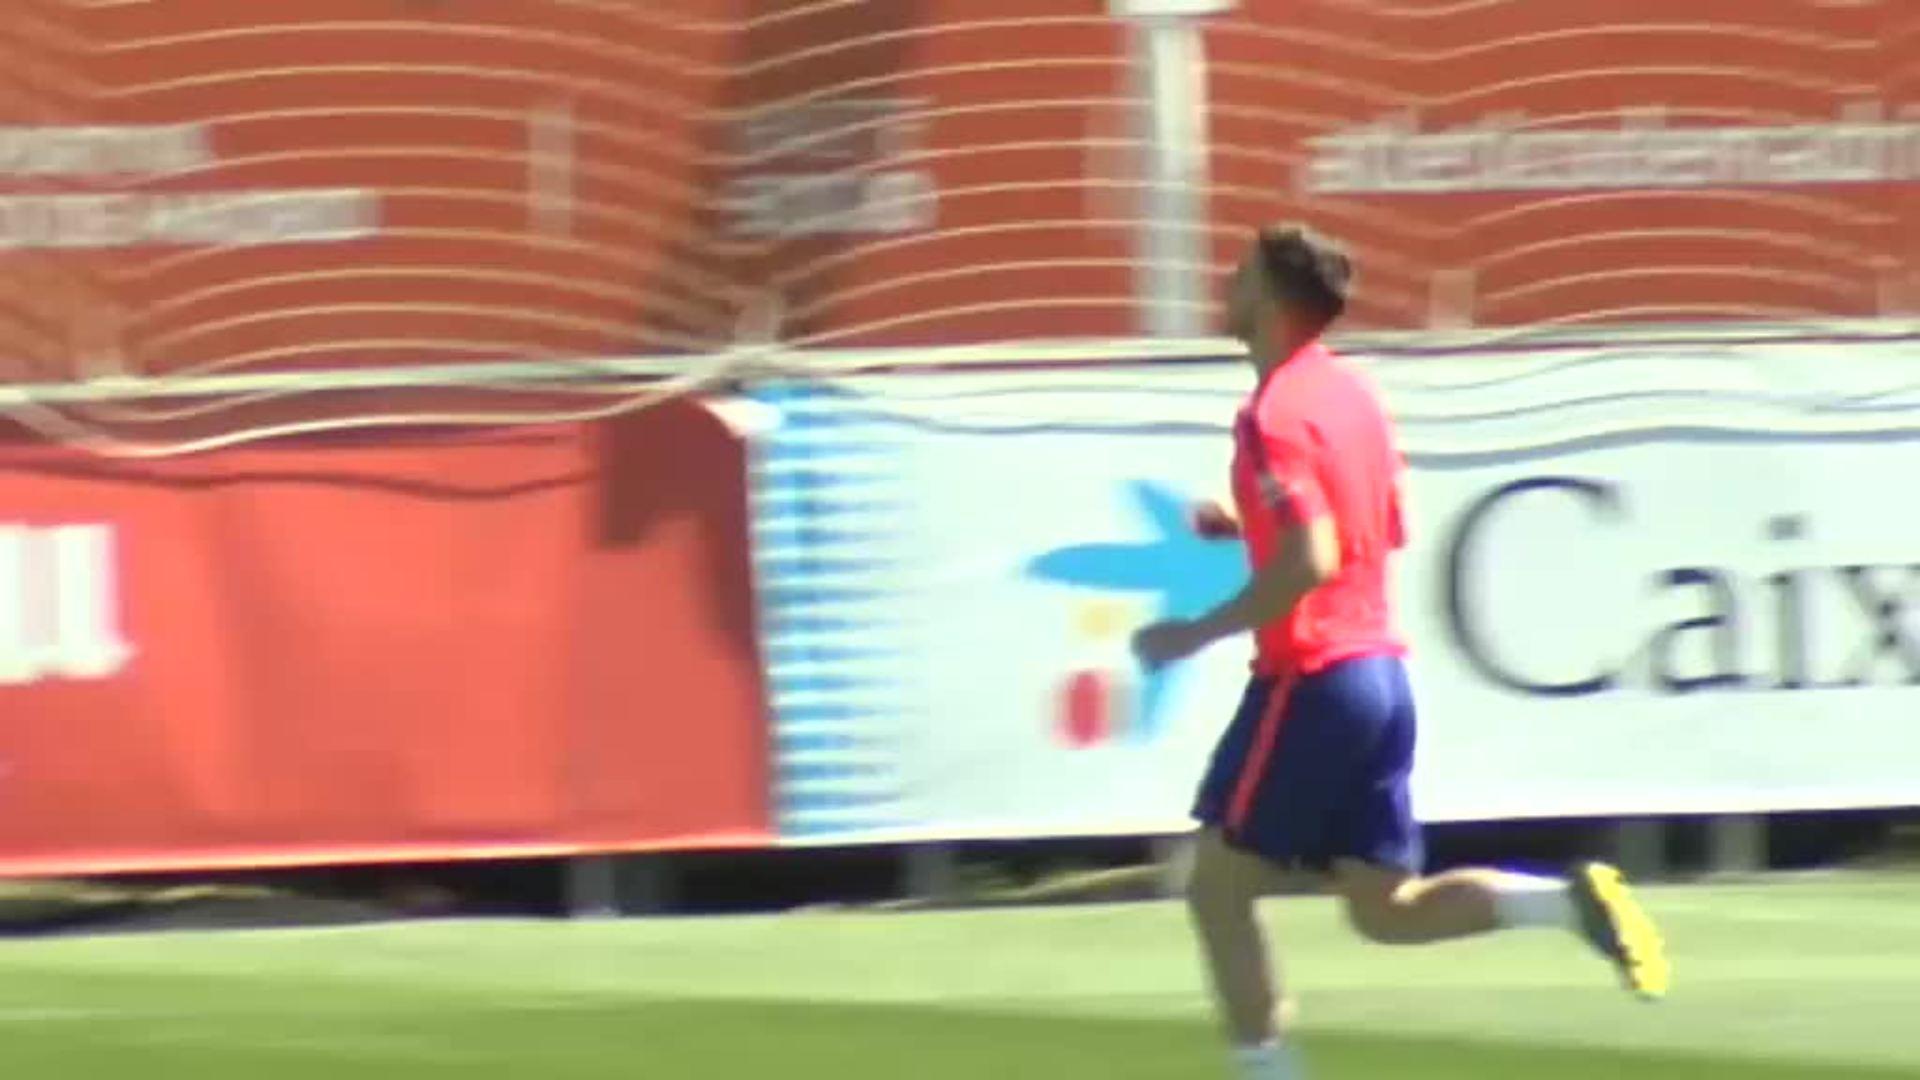 Un juzgado de Madrid ordena el ingreso en prisión del jugador del Bayern Lucas Hernández